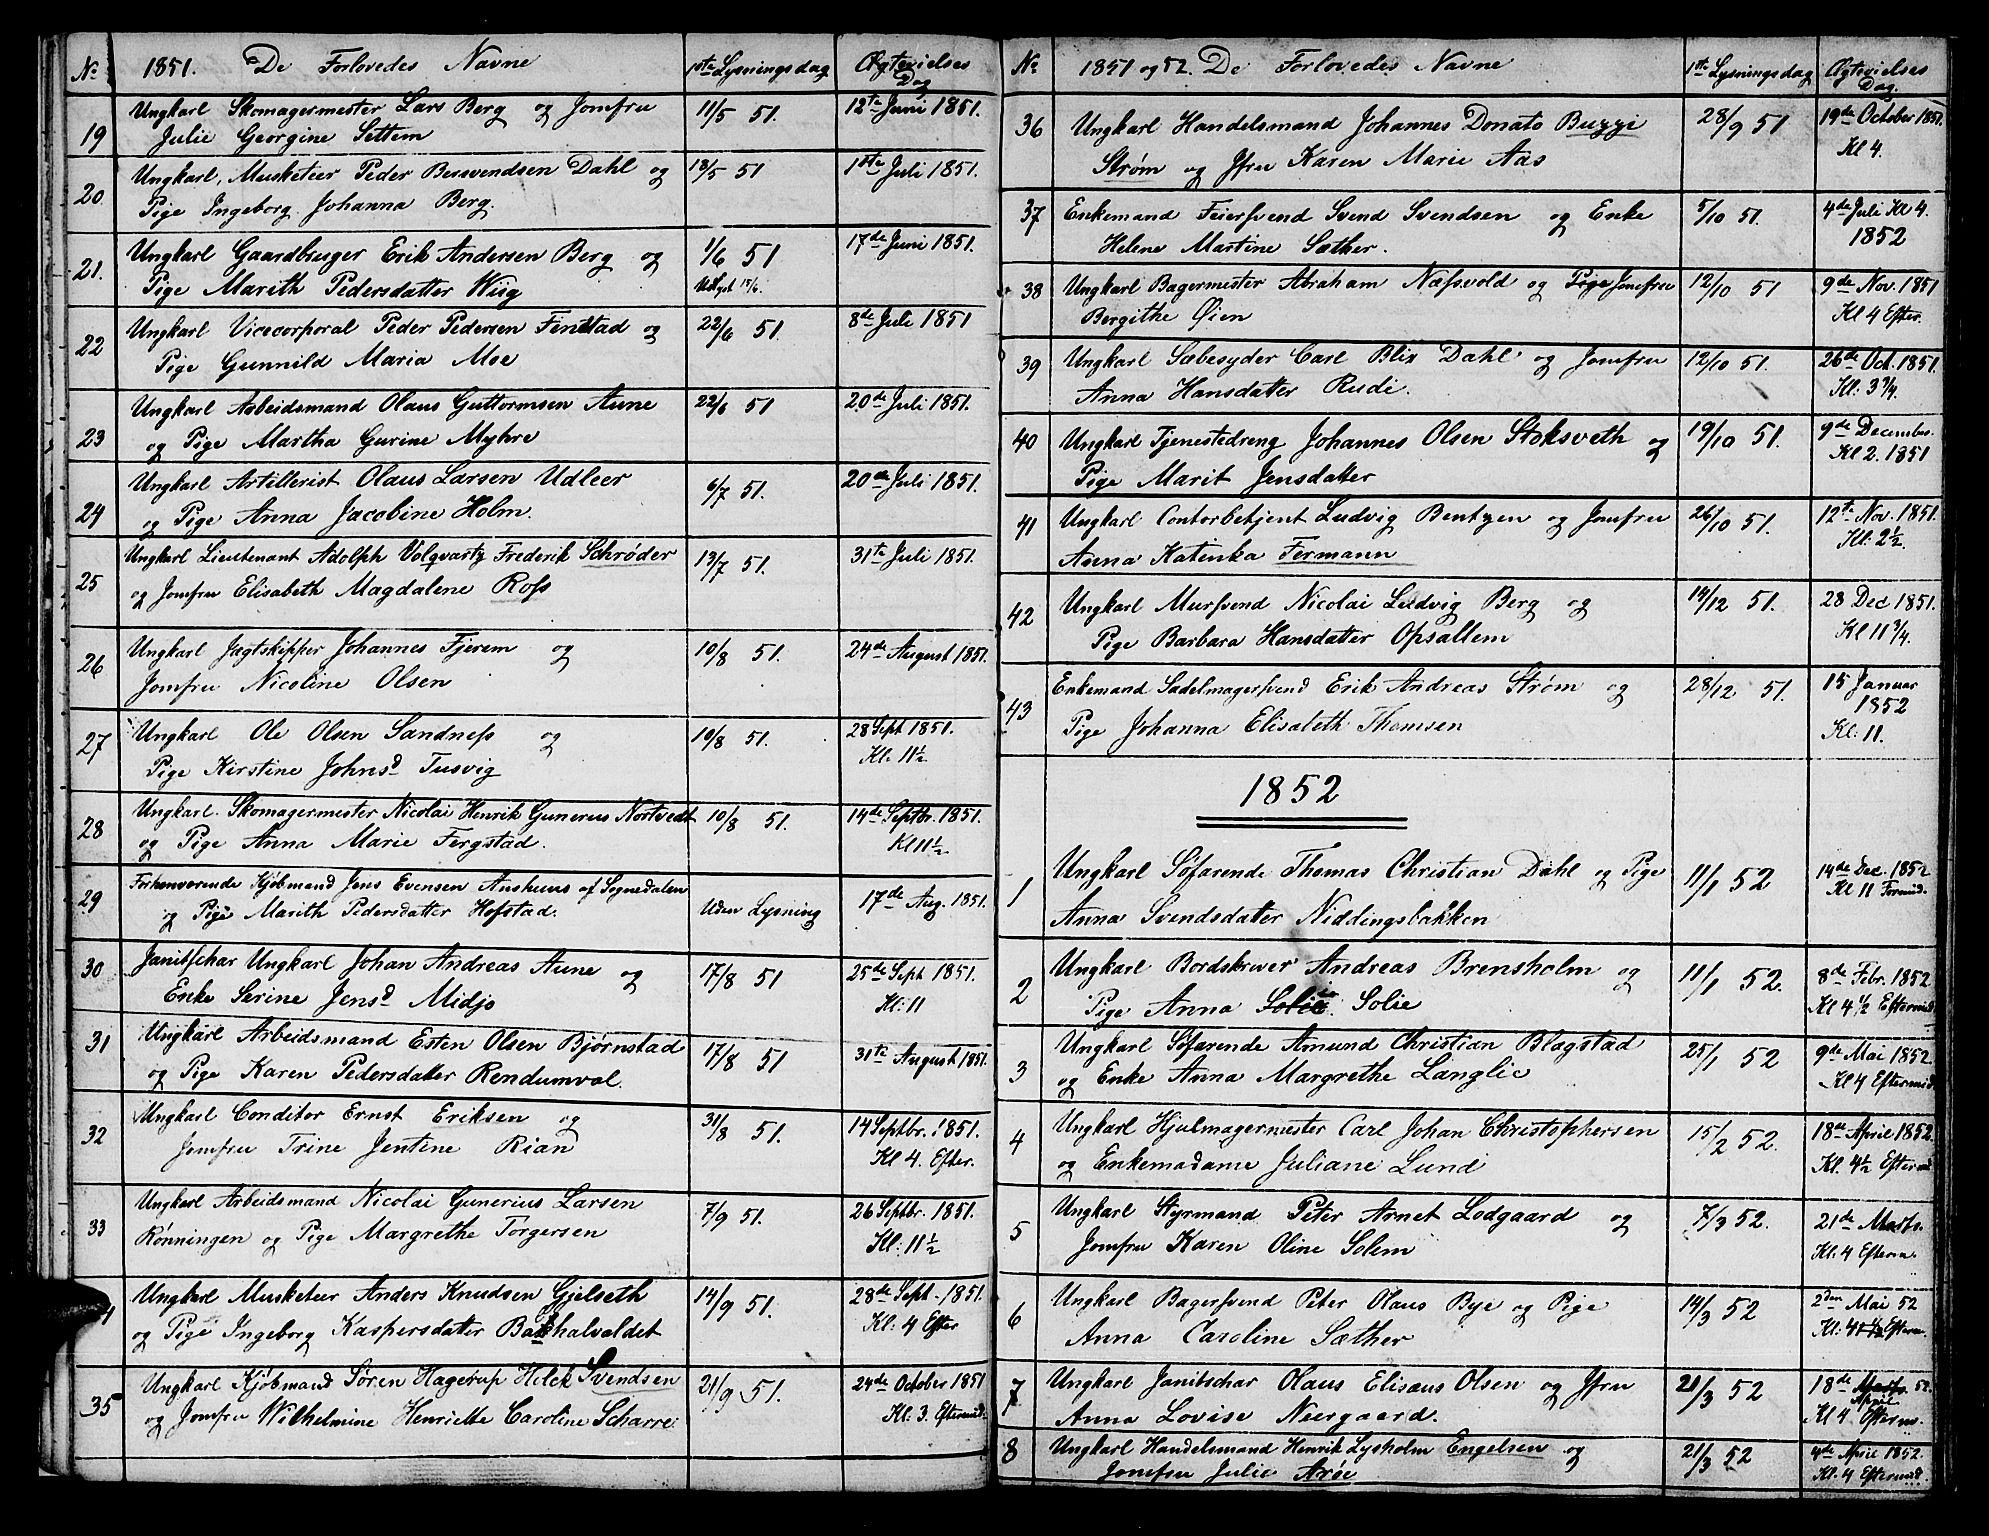 SAT, Ministerialprotokoller, klokkerbøker og fødselsregistre - Sør-Trøndelag, 601/L0085: Klokkerbok nr. 601C03, 1842-1869